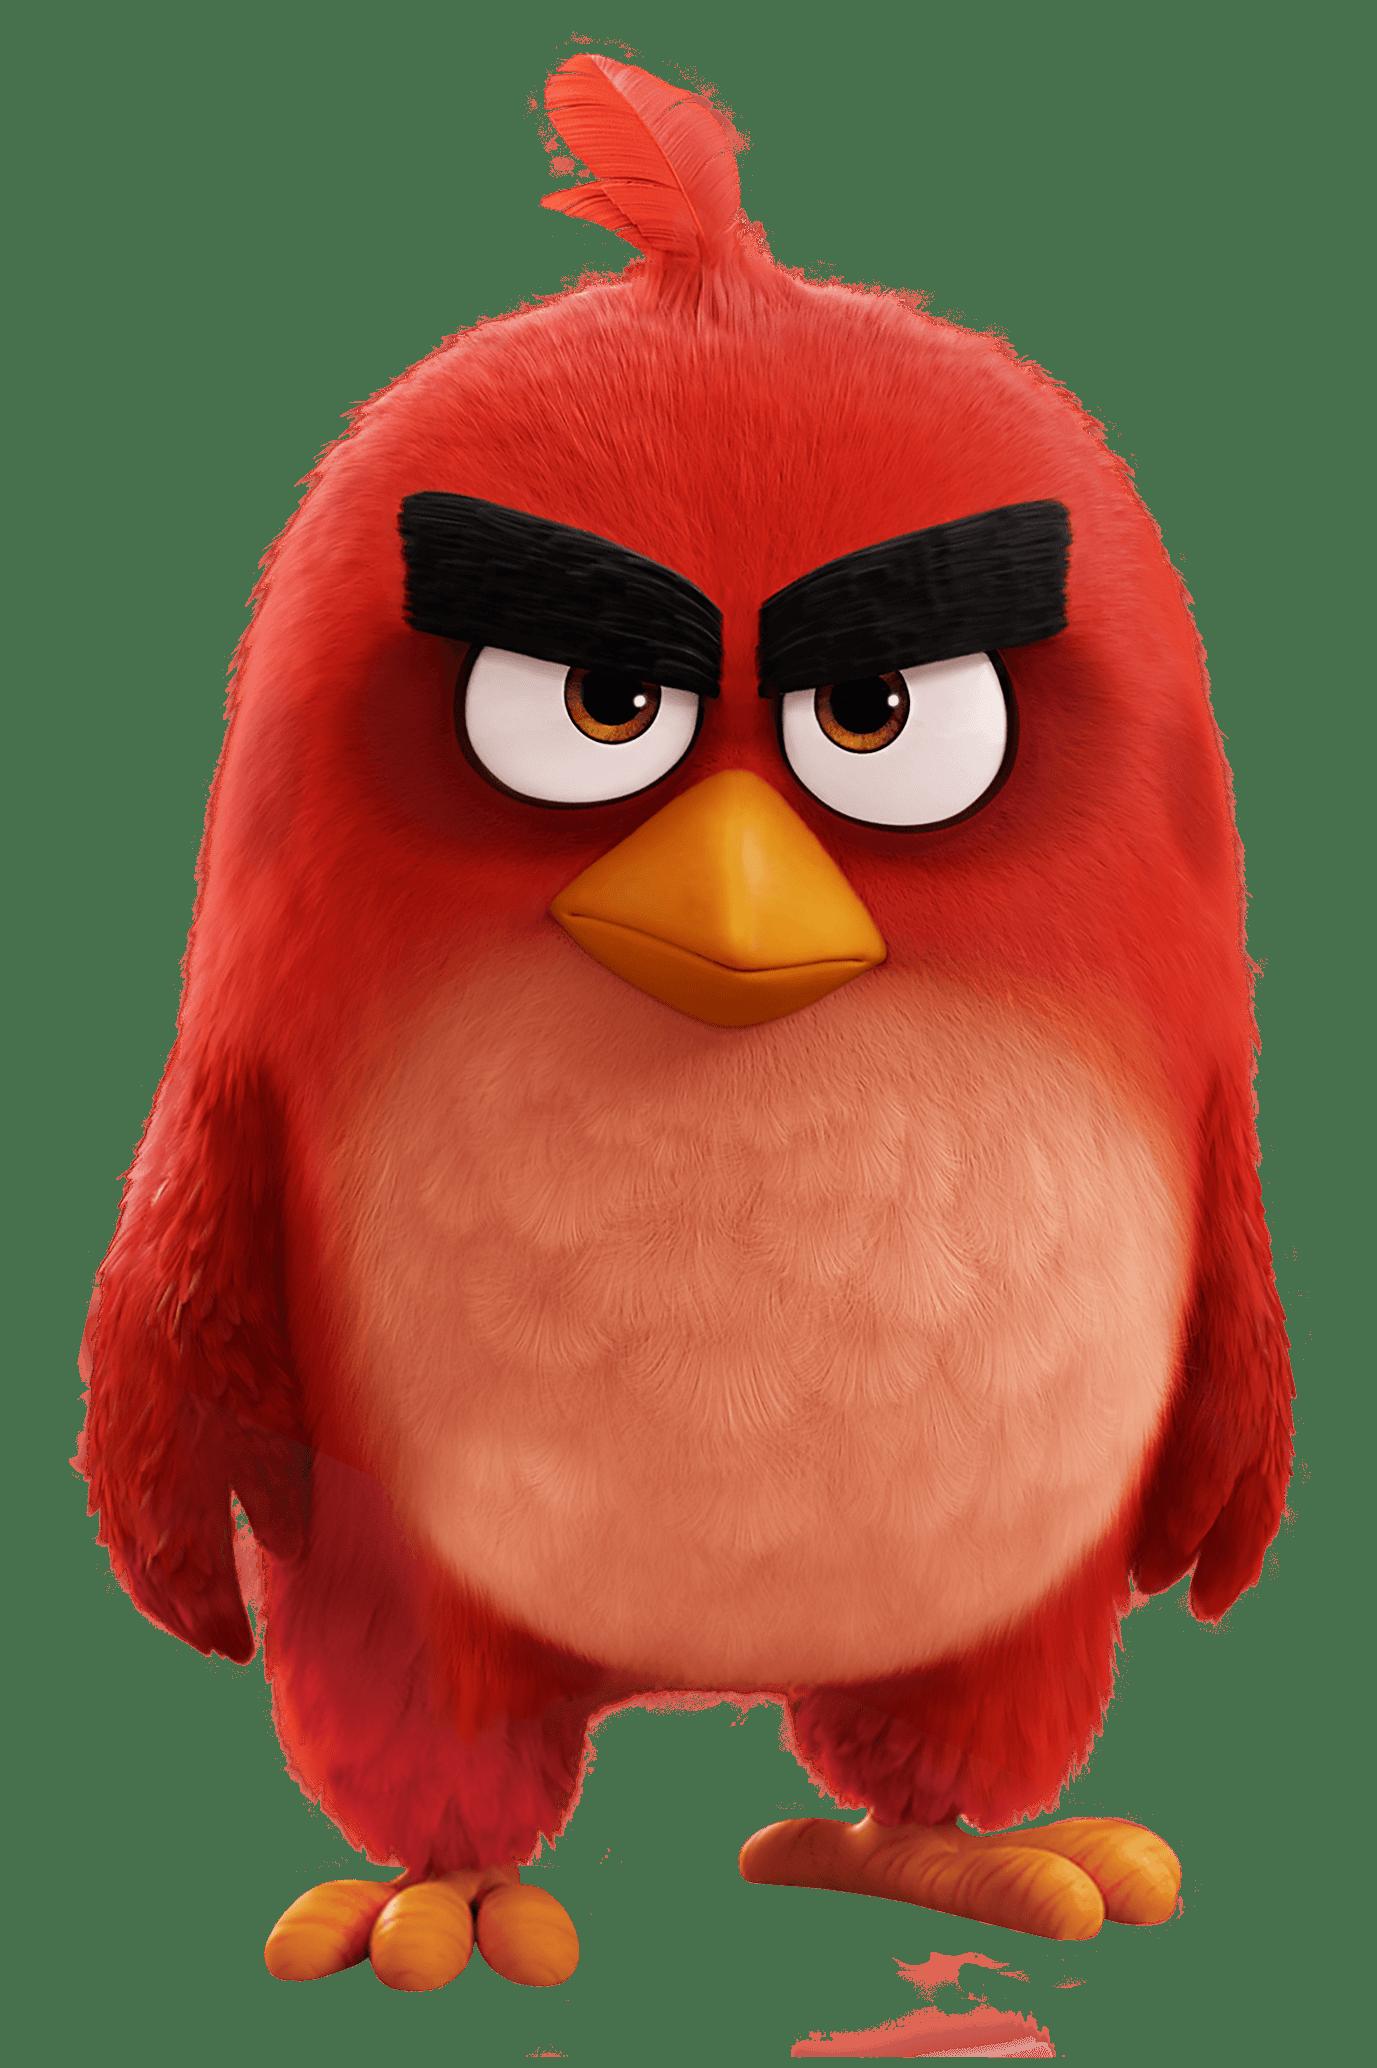 Angry Birds Movie Red Bird Angry Birds Movie Angry Birds Movie Red Angry Birds Characters